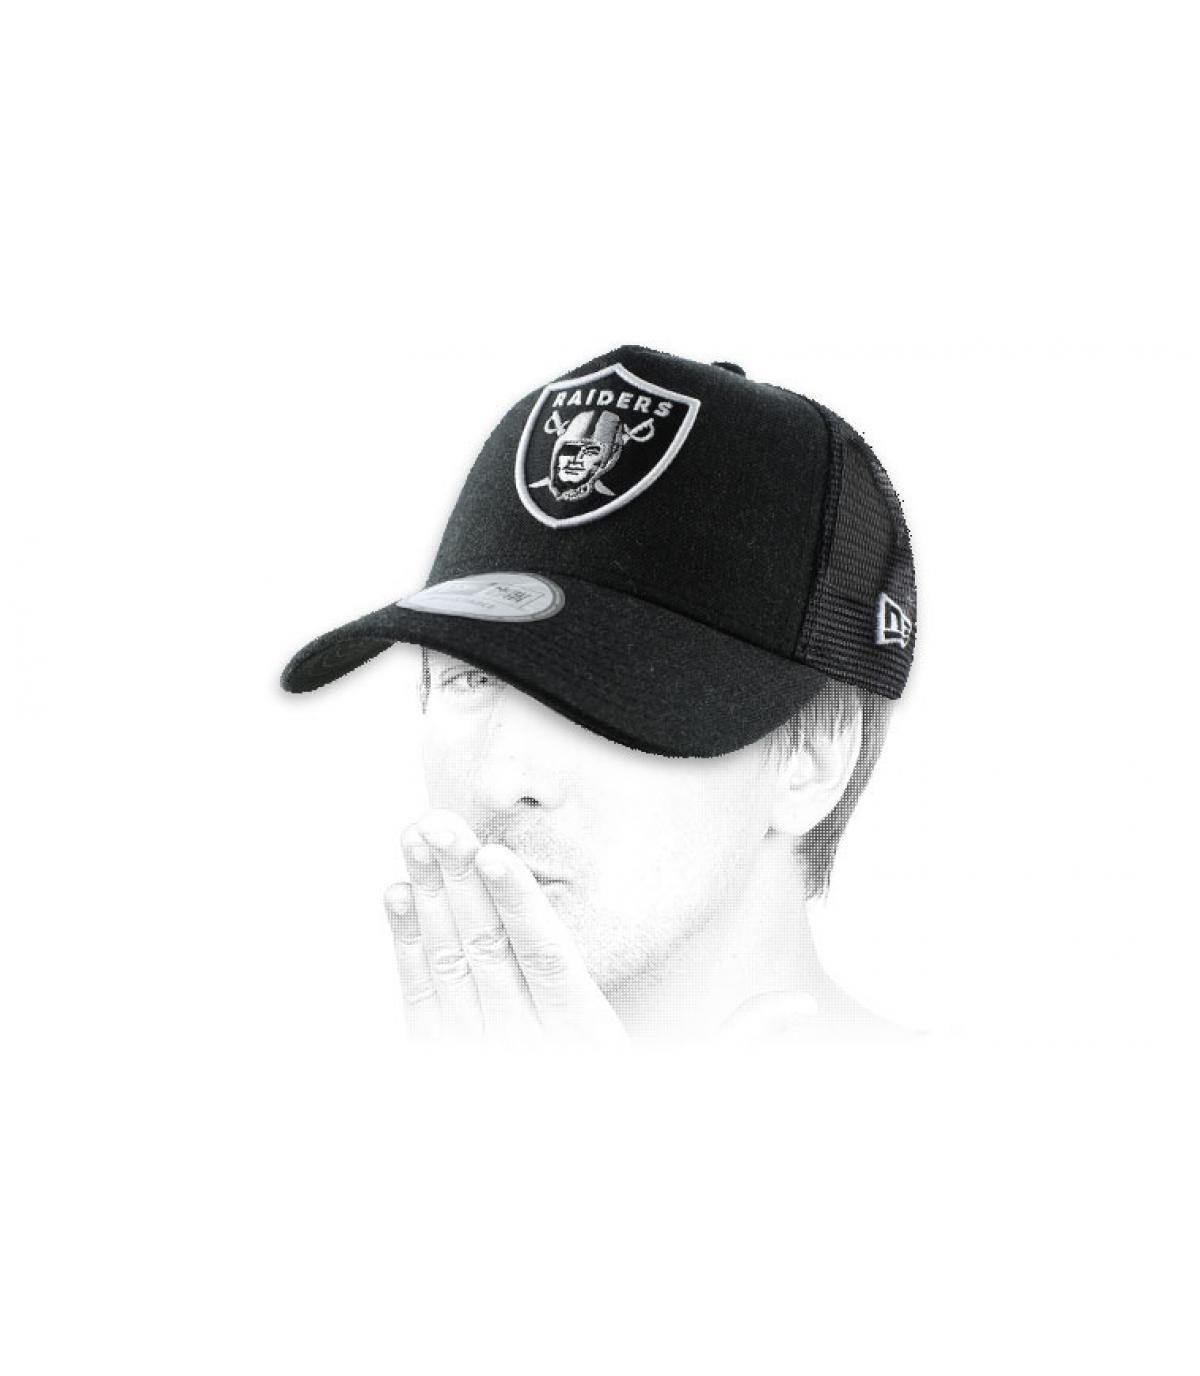 Raiders trucker cap